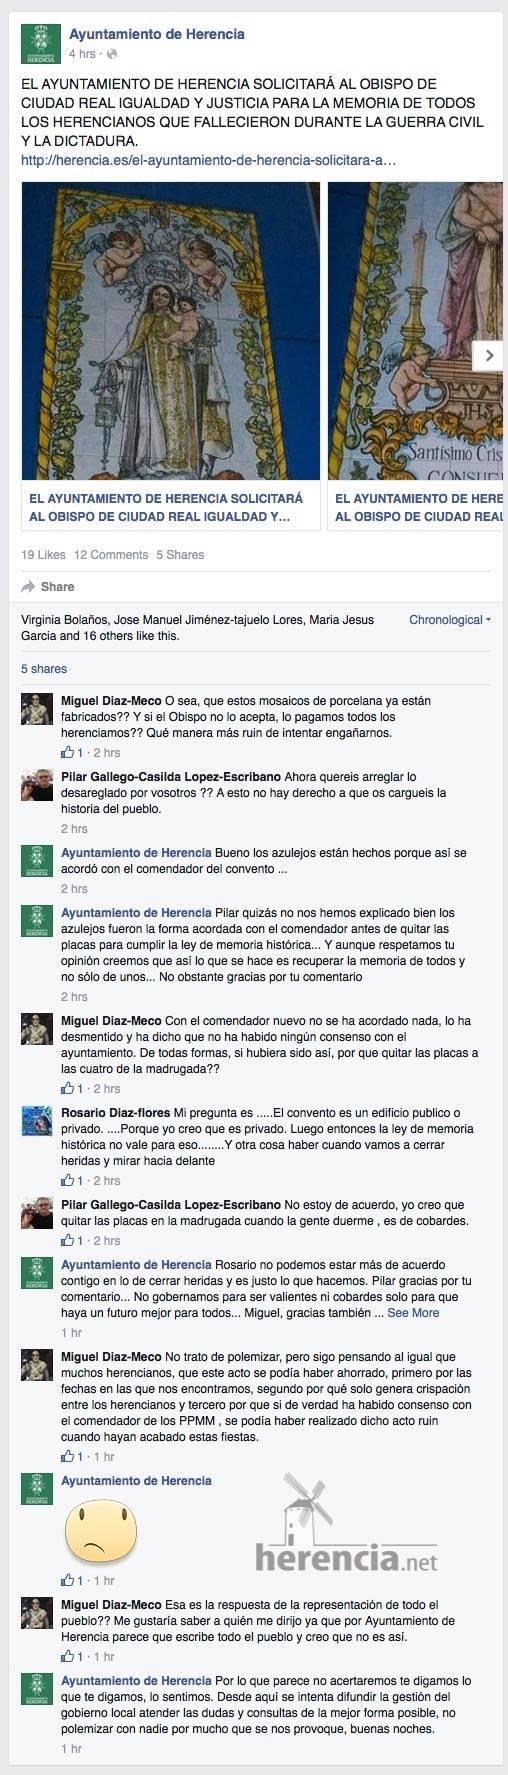 captura facebook noticia mosaicos por placas en convento - Ayuntamiento ya tenía listos los mosaicos para sustituir las placas de la fachada del Convento